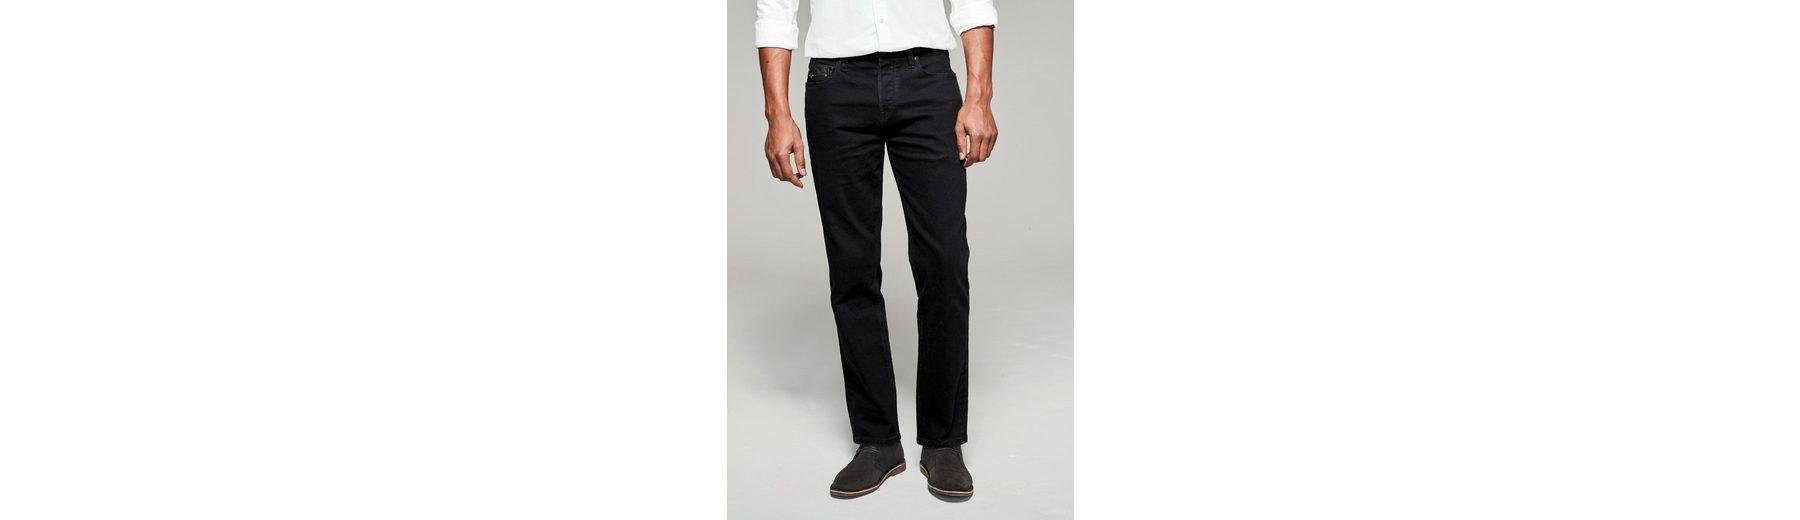 Next Jeans mit Lederdetail Rabatt Genießen Footlocker Bilder Verkauf Online 4ytaGD3